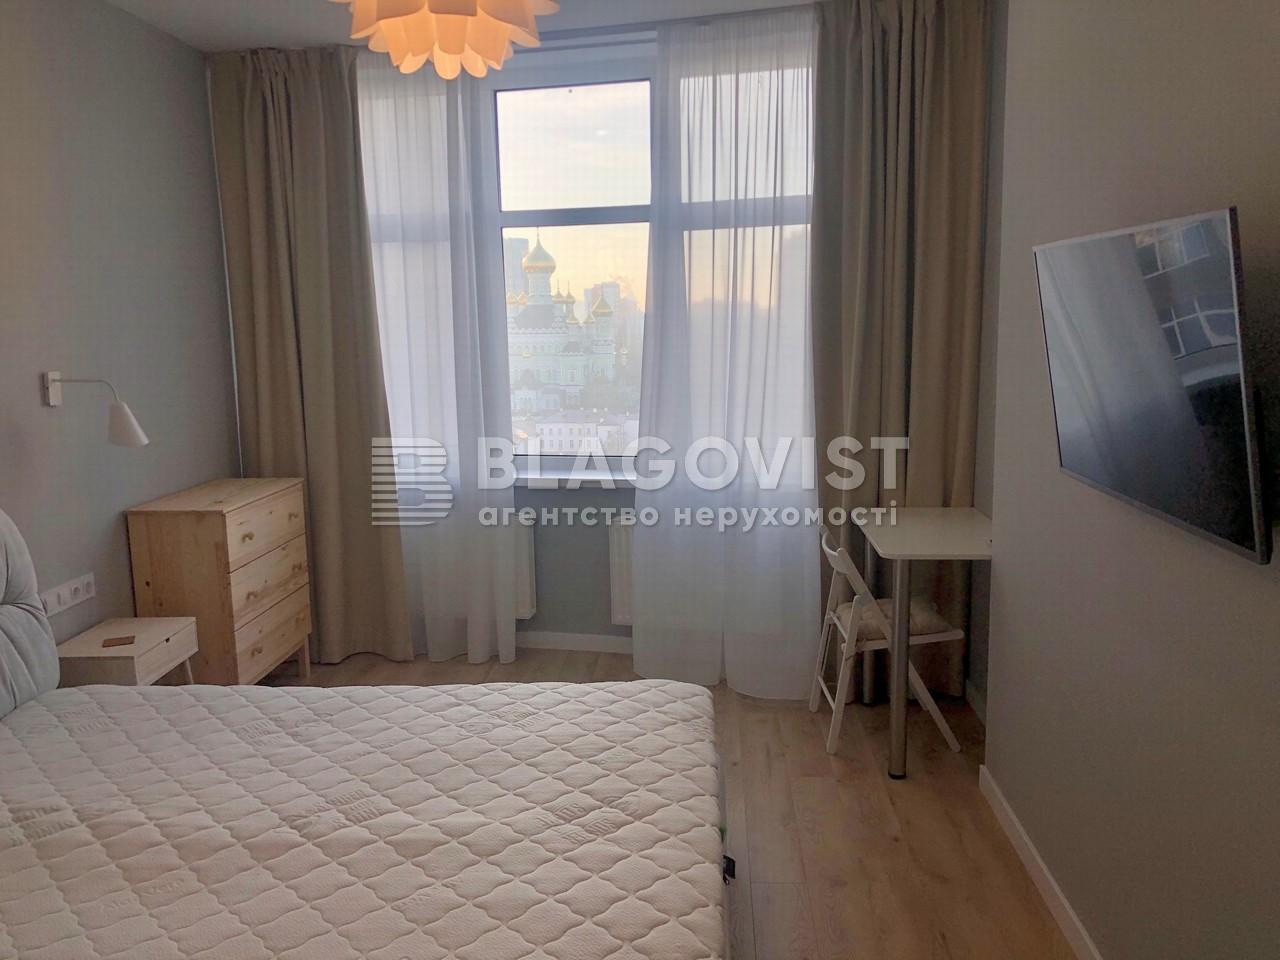 Квартира D-35821, Глубочицкая, 32в, Киев - Фото 8